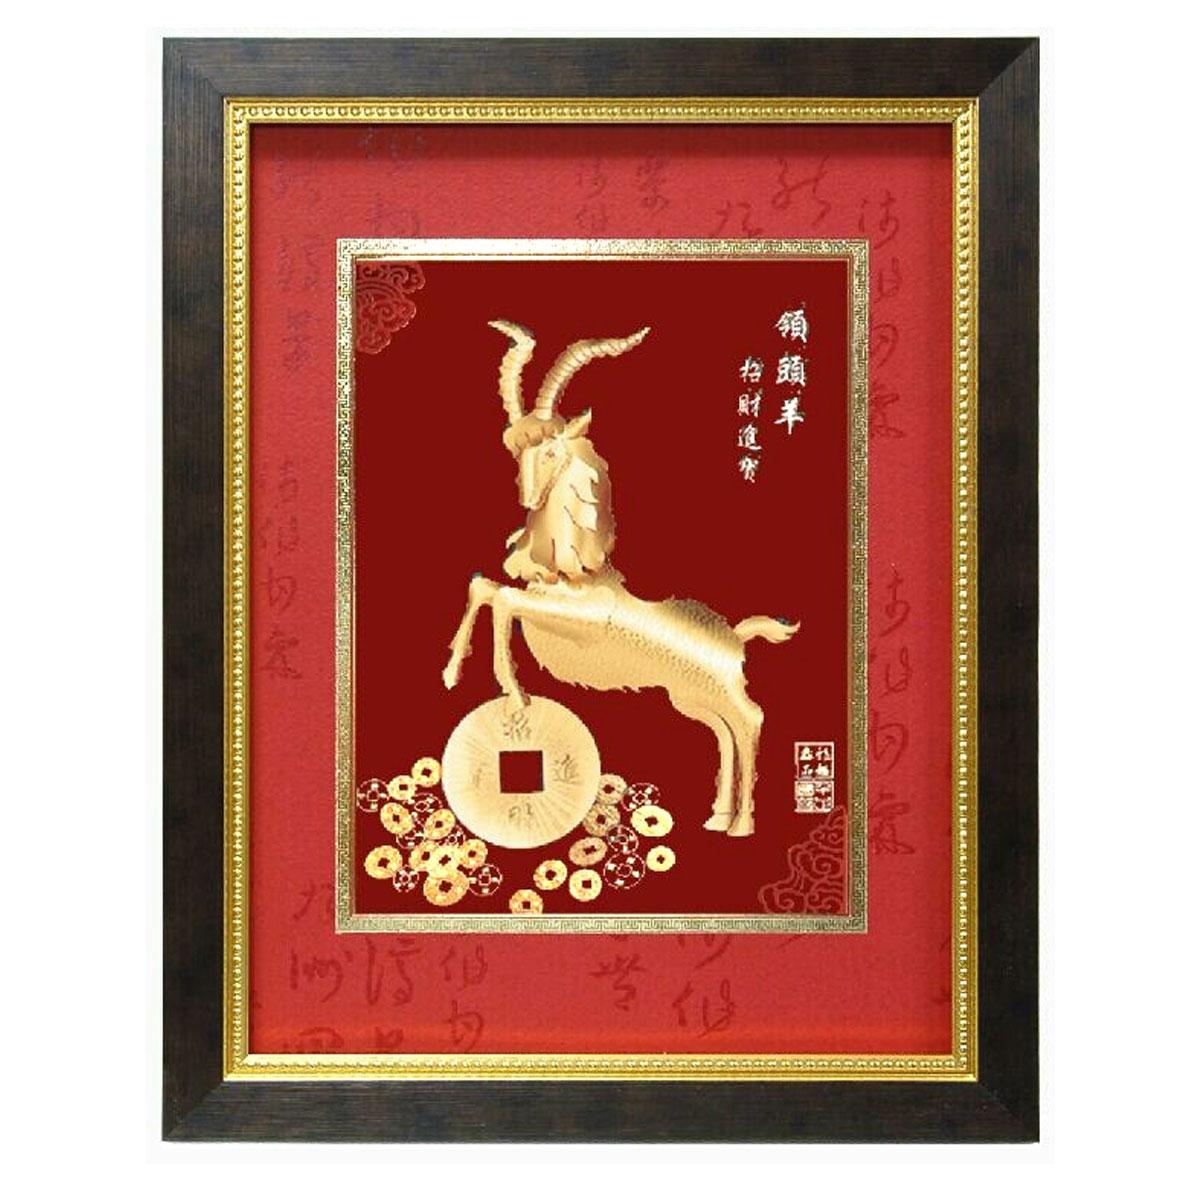 《聖宏》立體金箔畫-鴻福系列 (領頭羊)